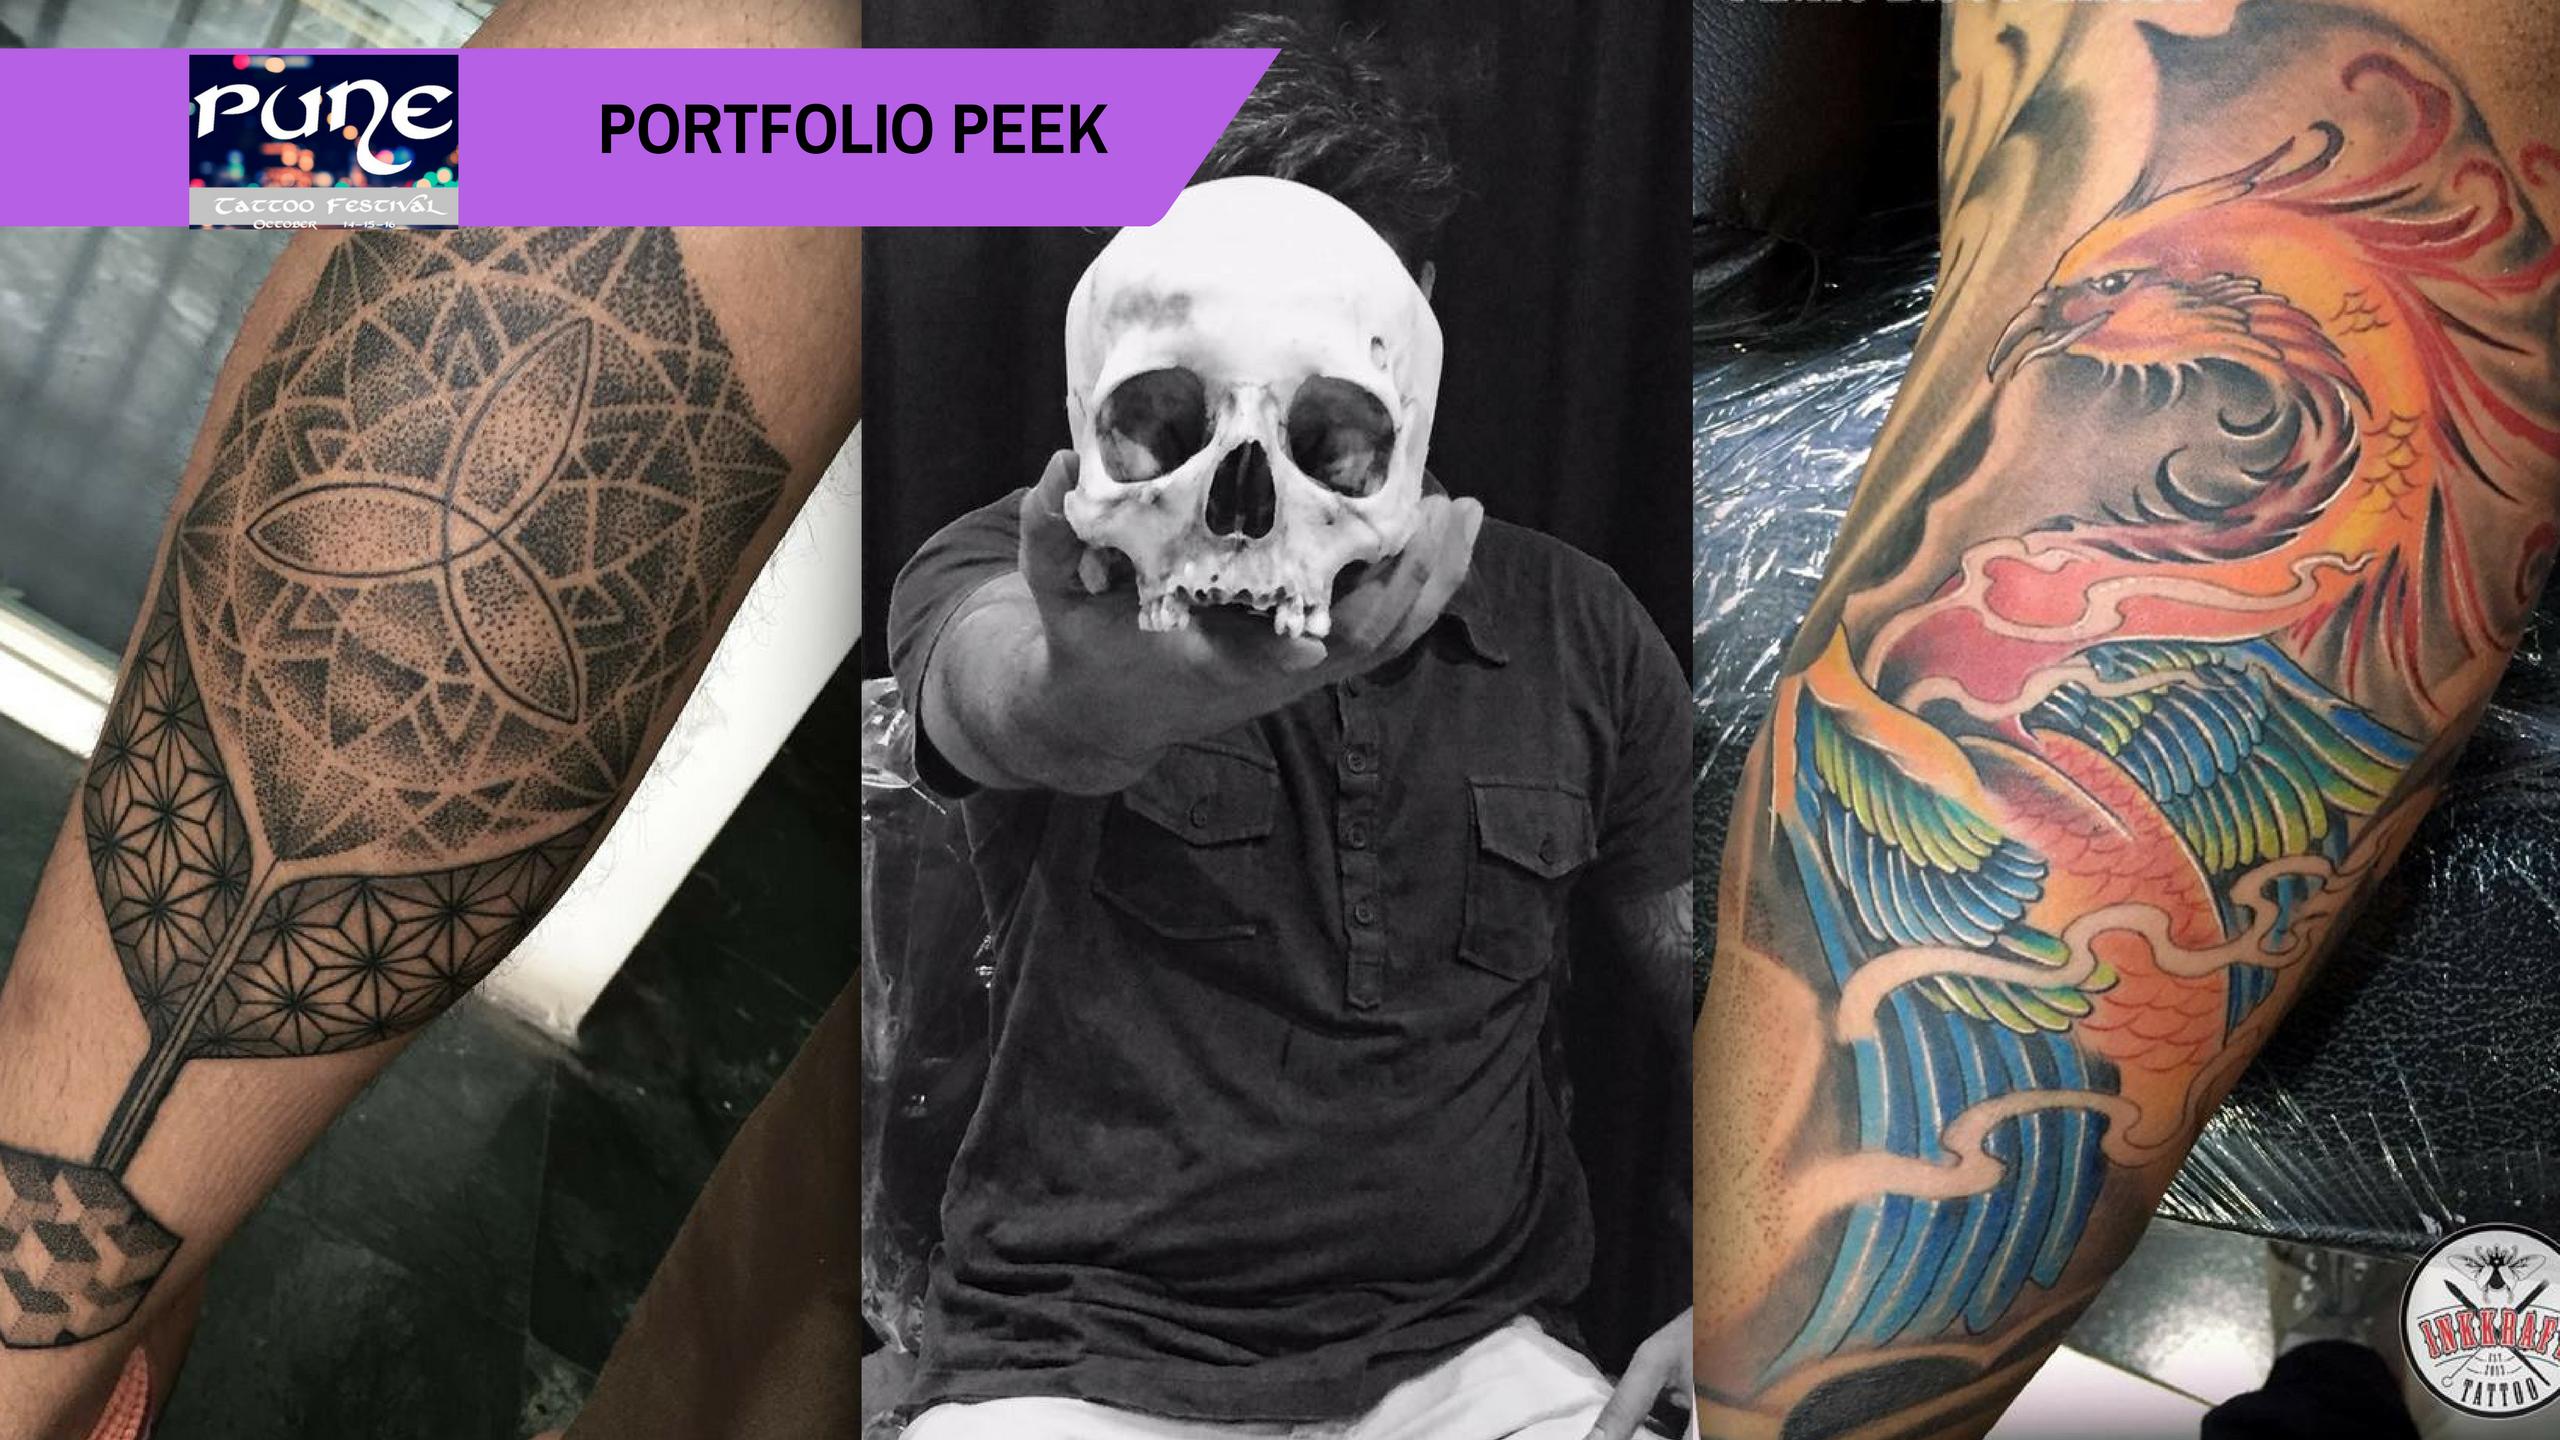 Pune Tattoo Fest Portfolio Peek: Pinku Bijoy Ghosh, the 'Craftsman of Ink'